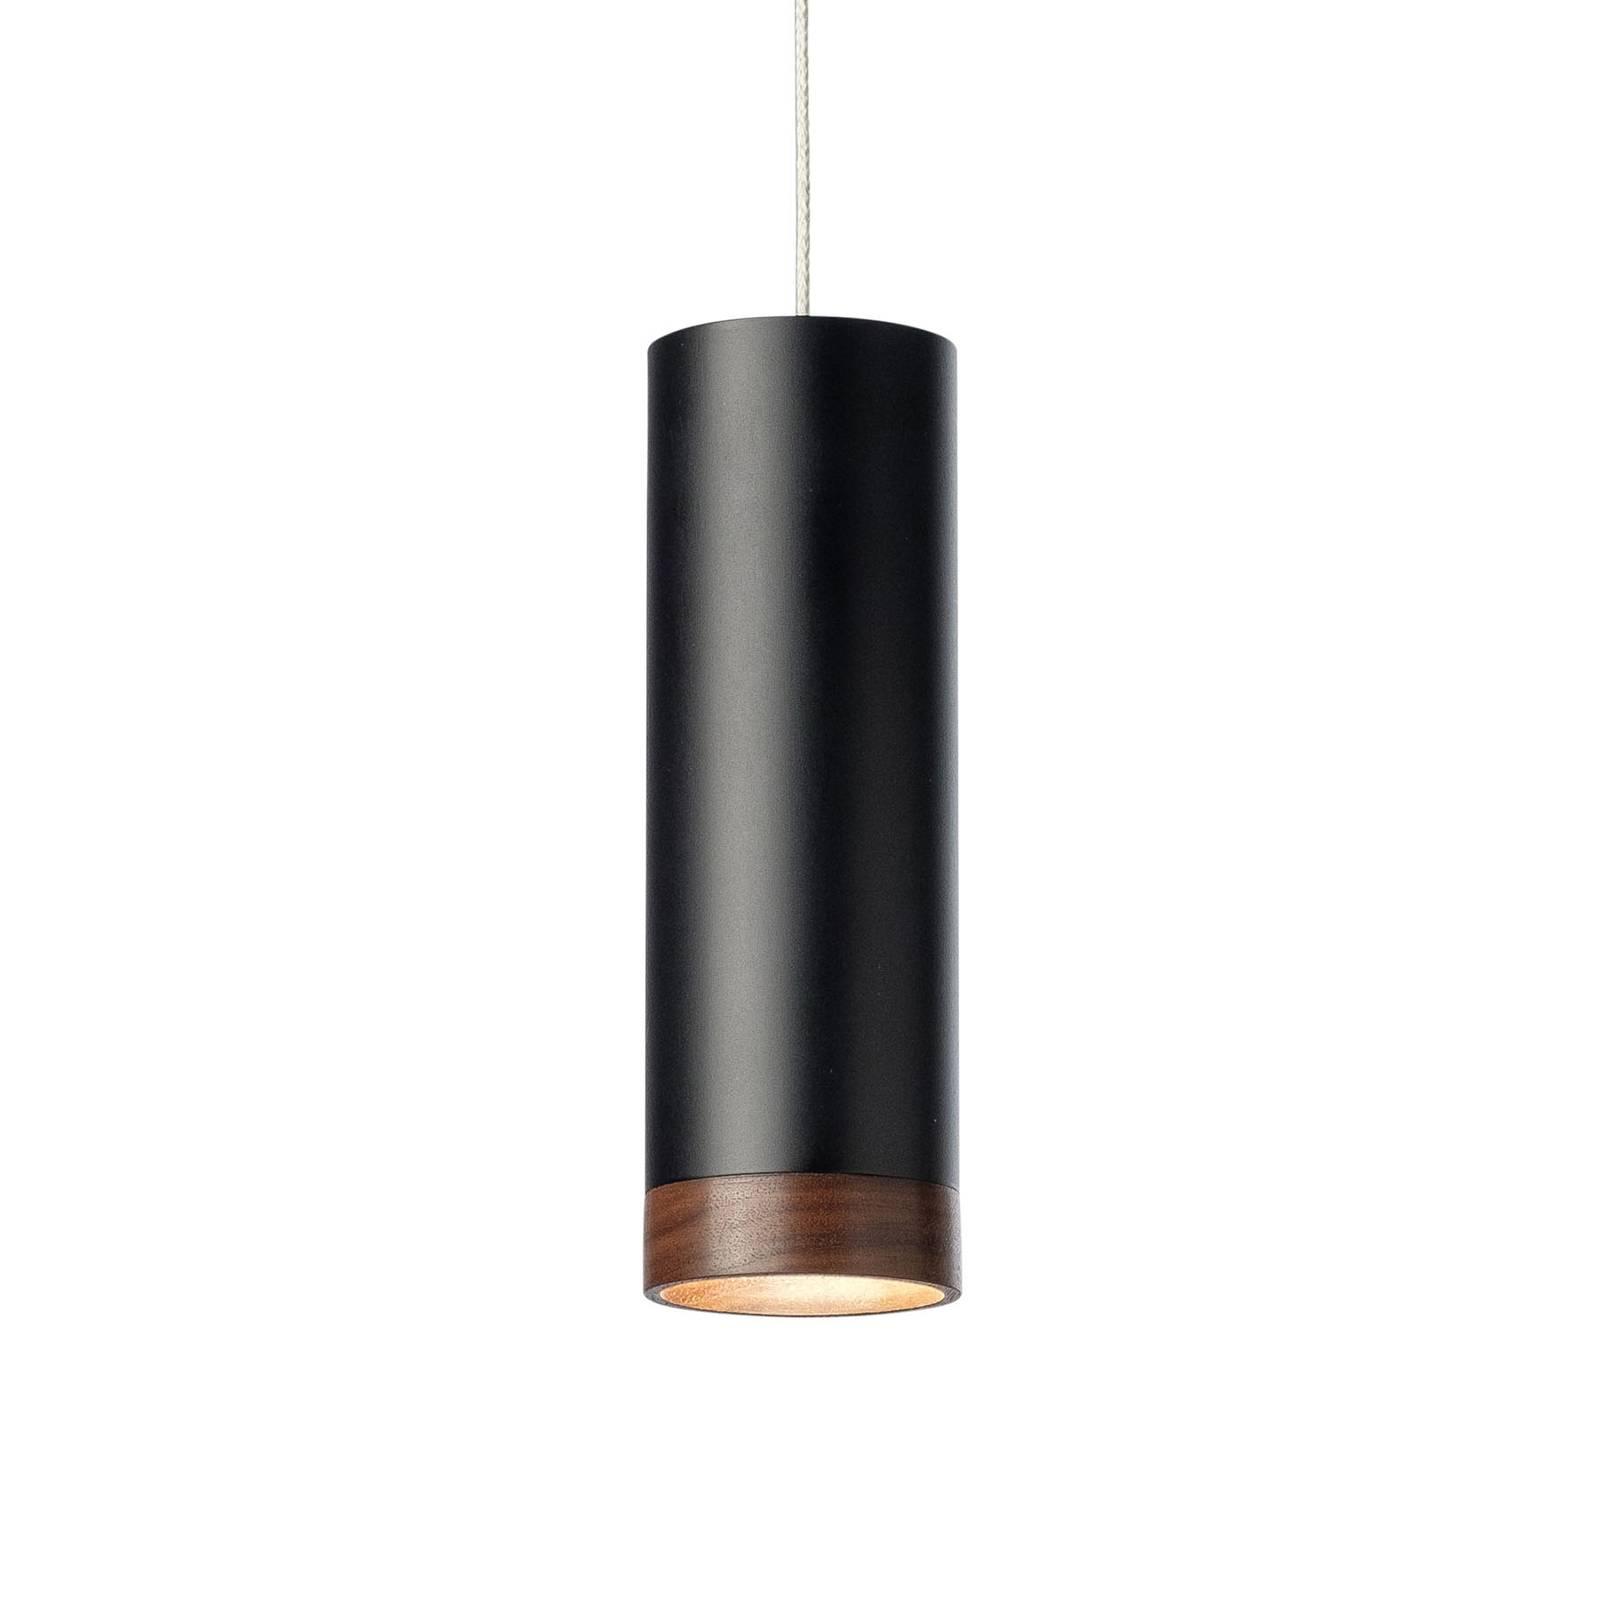 Suspension LED PHEB, noire/noyer